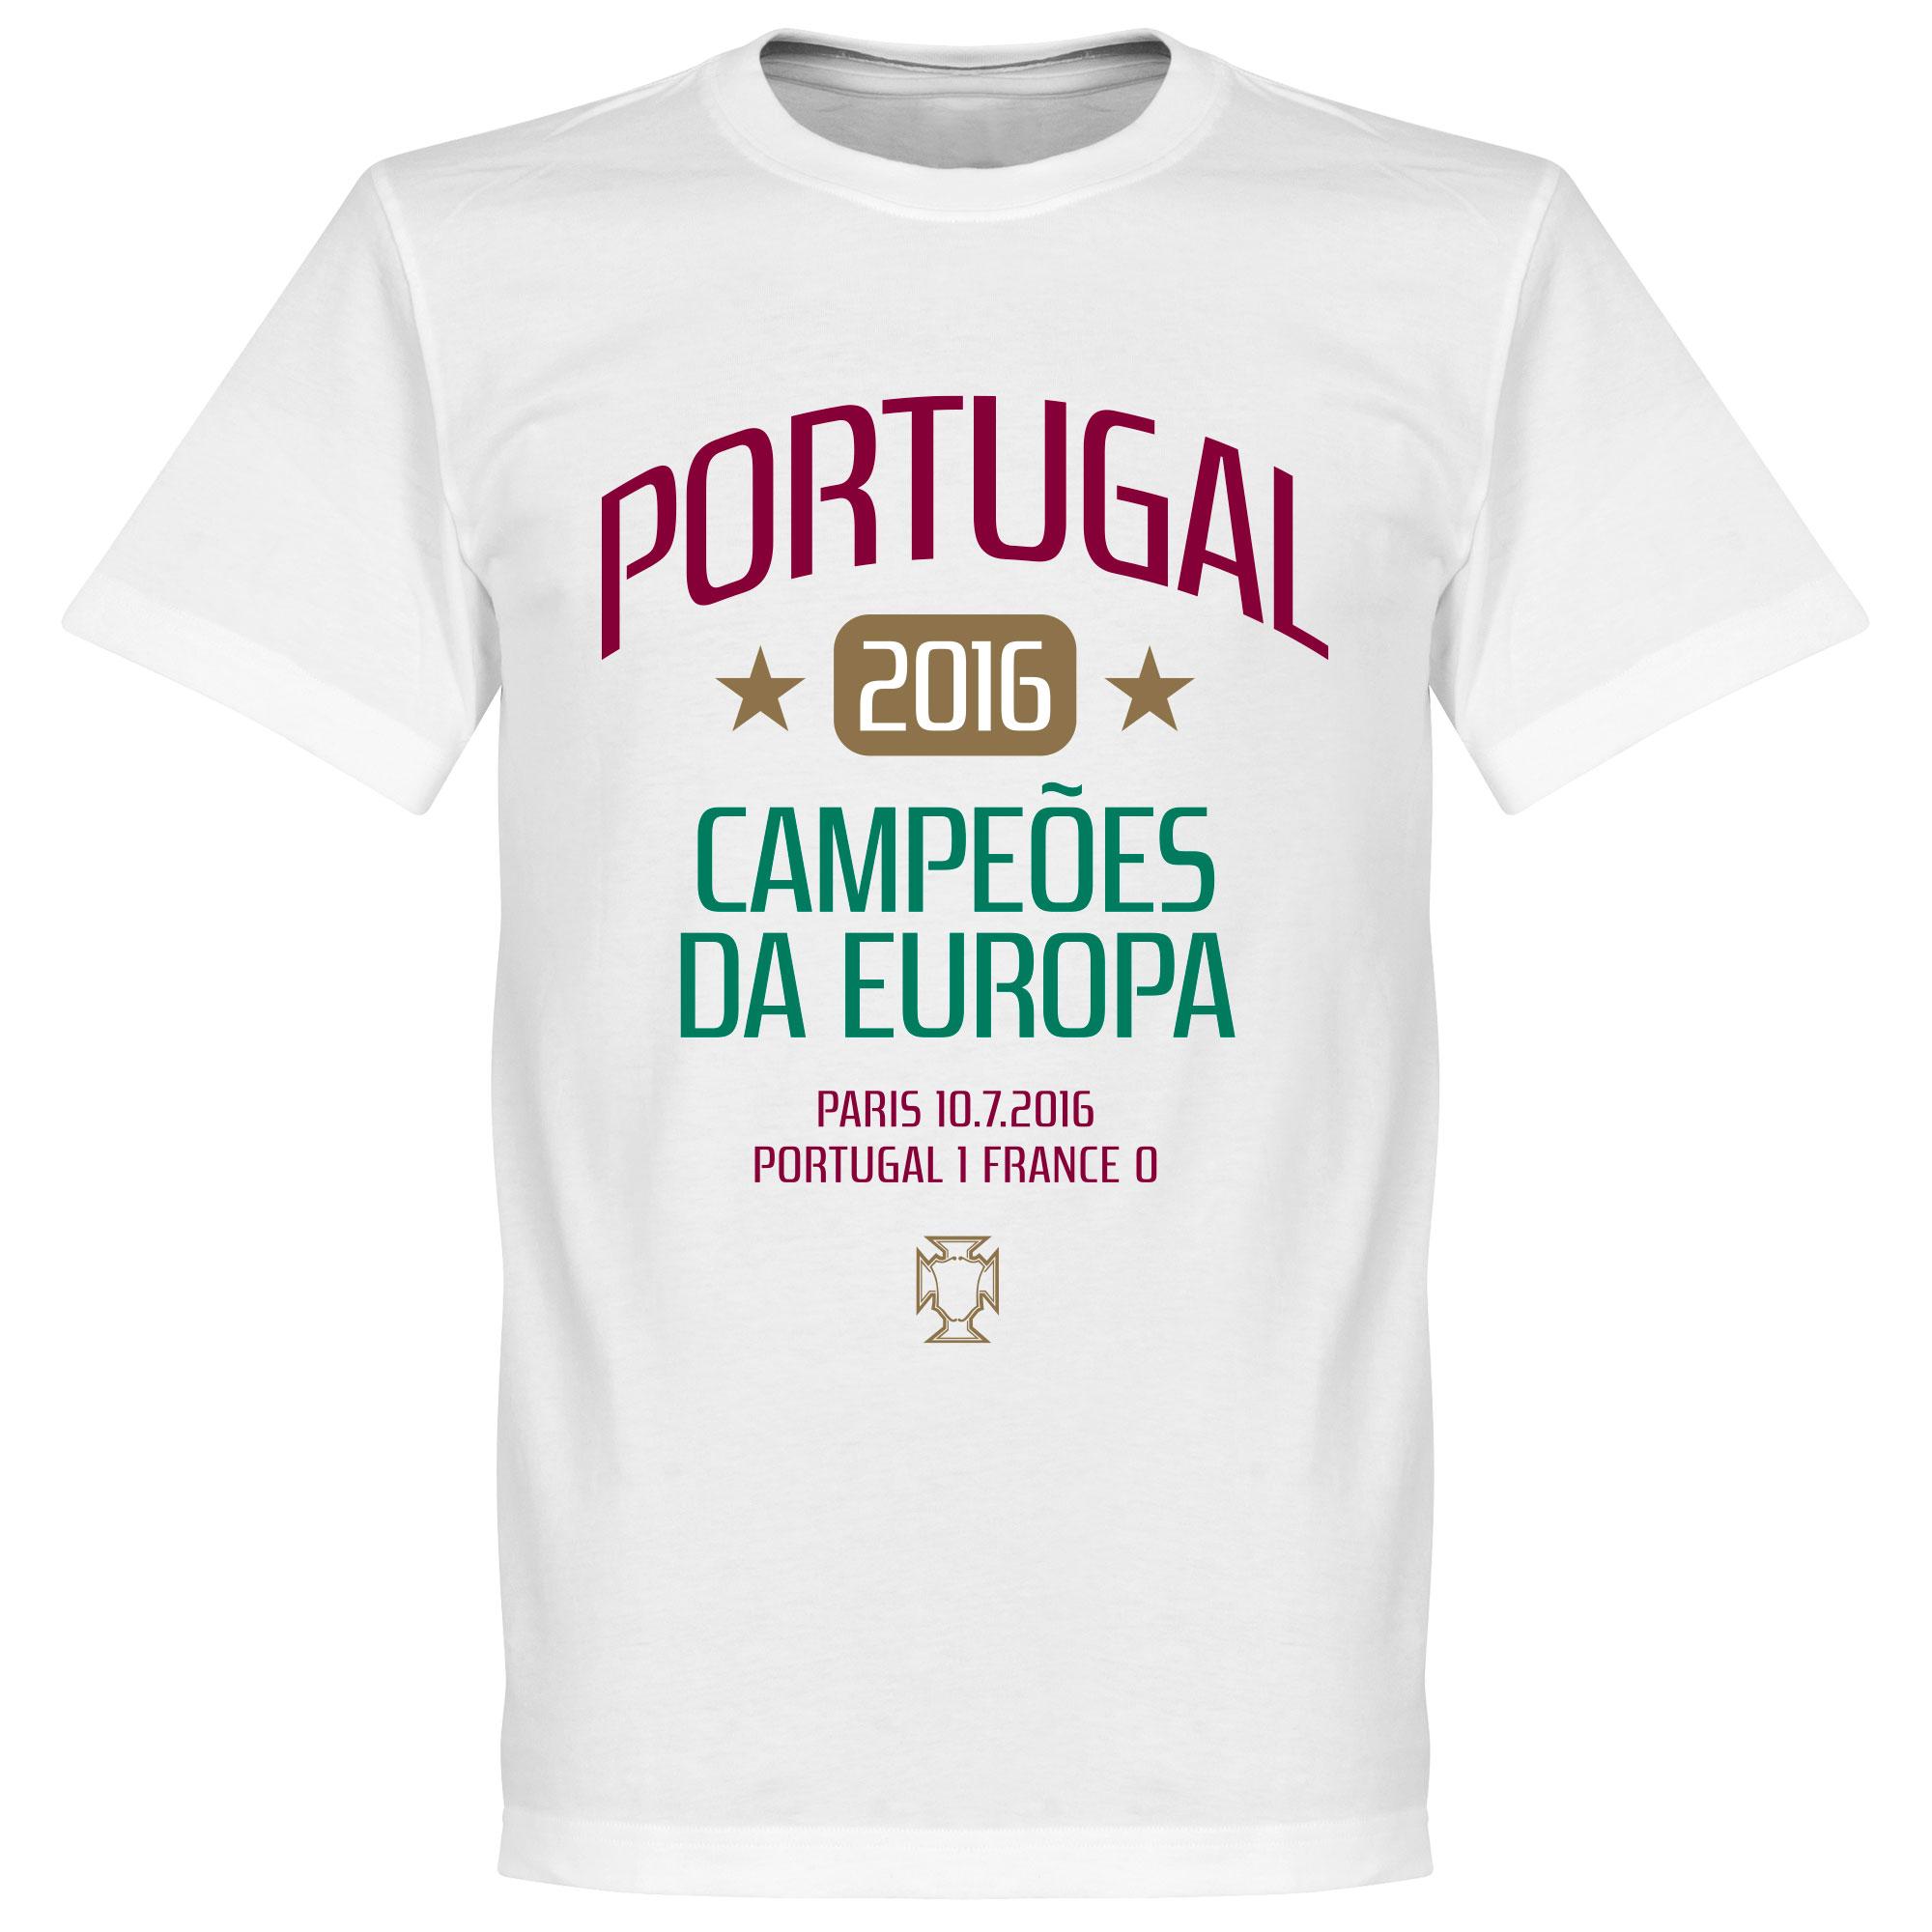 Portugal European Champions 2016 Tee - White - XXL